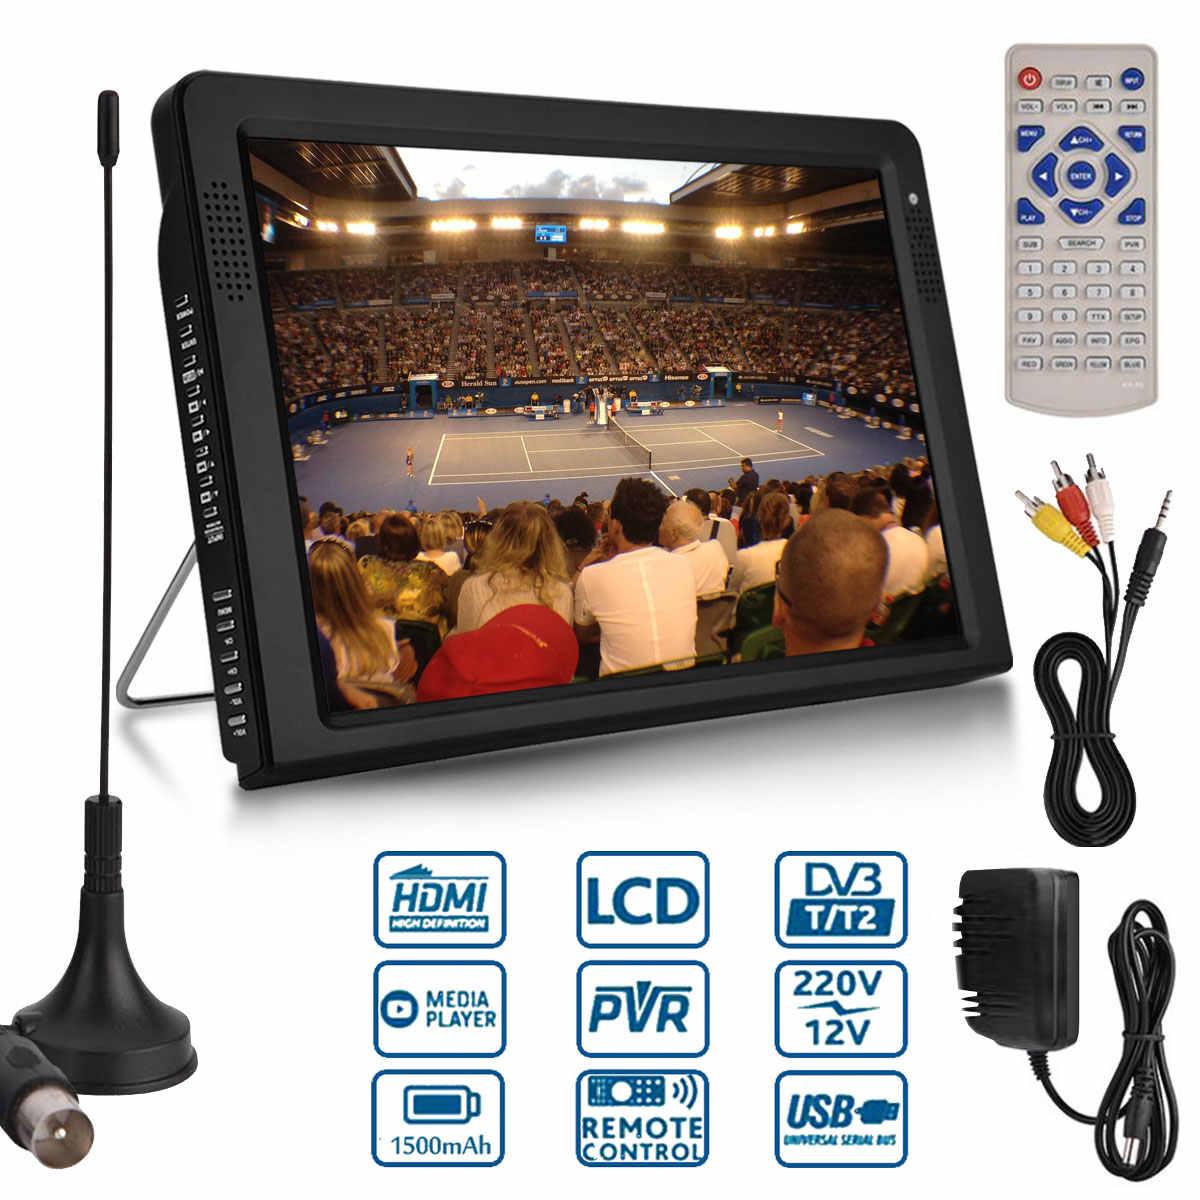 10.2 بوصة 1080P PVR 12 فولت المحمولة dvb-t/DVB-T2 TFT LED HD التلفزيون التناظرية الرقمية التيار المتناوب/تيار مستمر